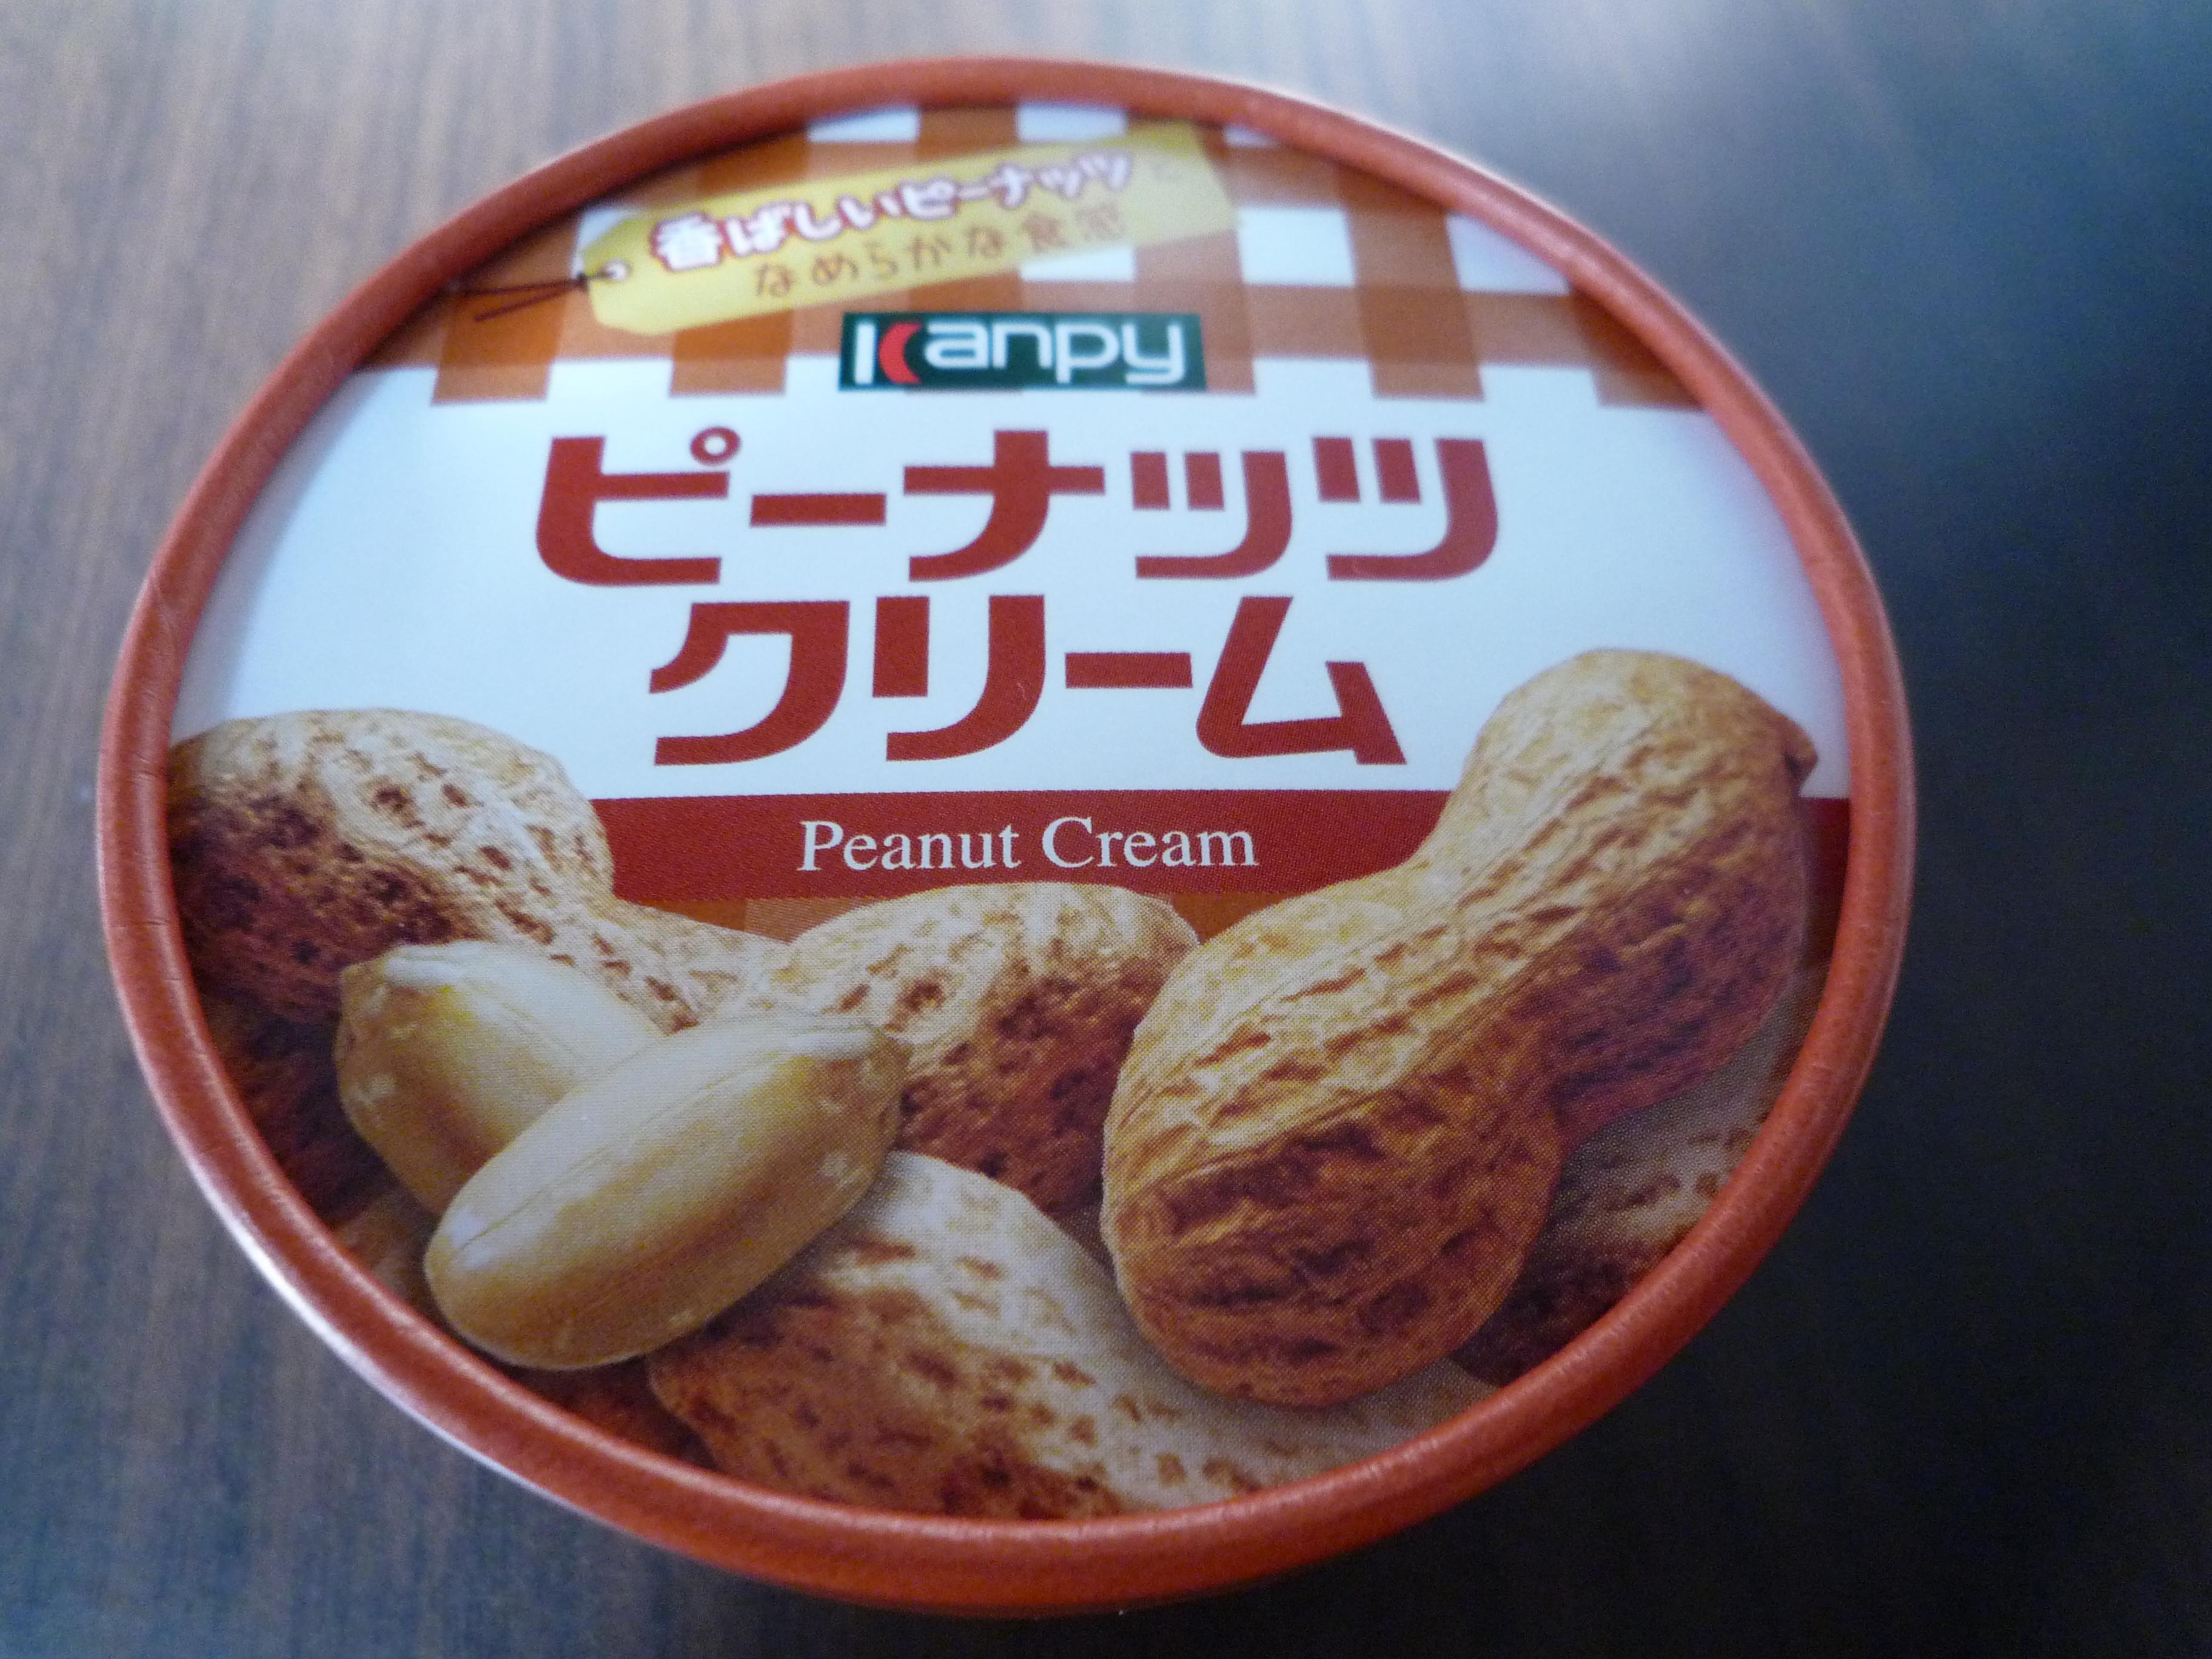 カンピー ピーナッツクリーム